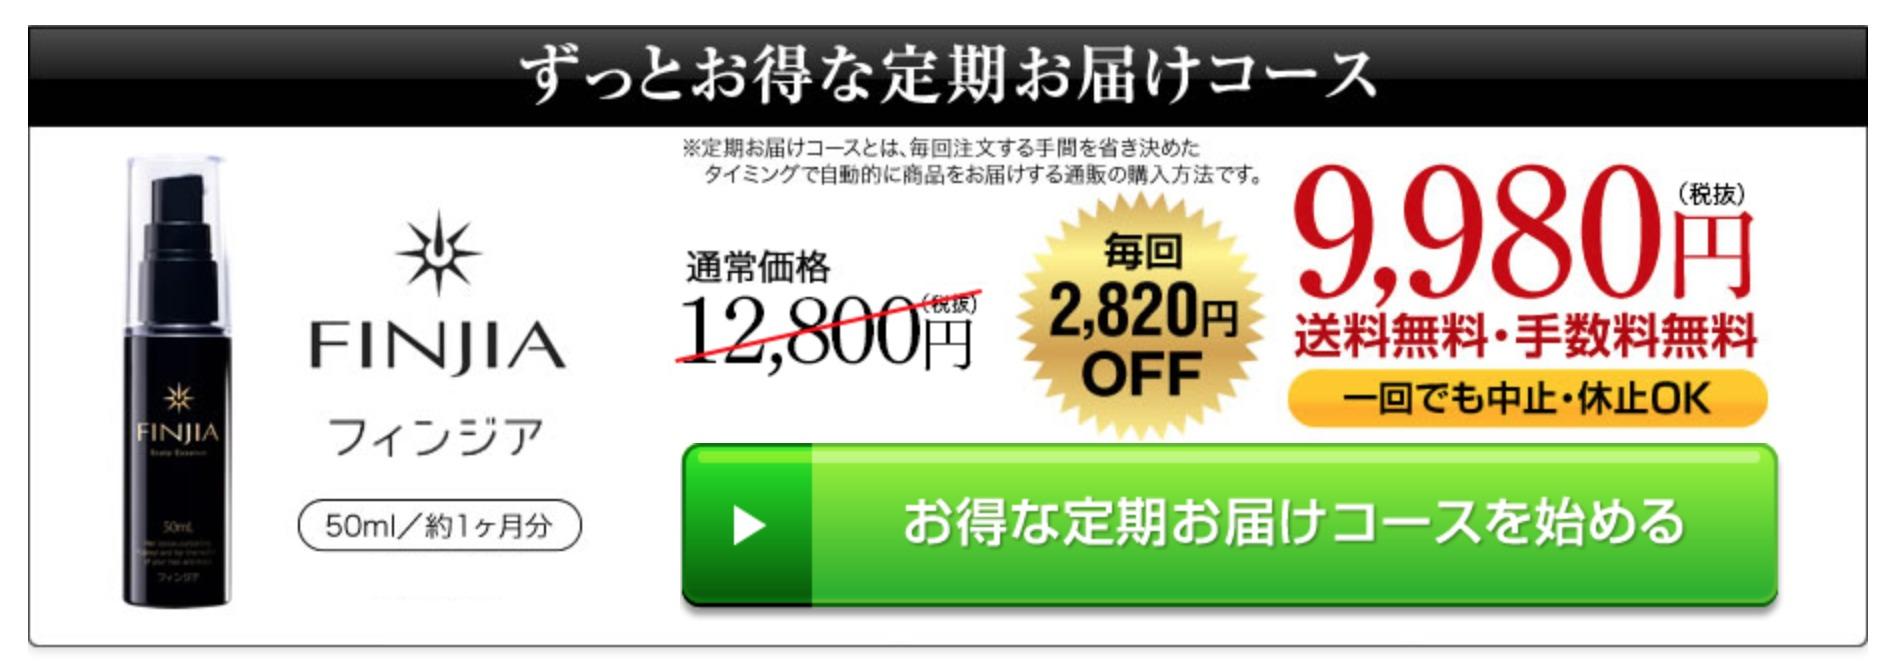 フィンジア2820円割引